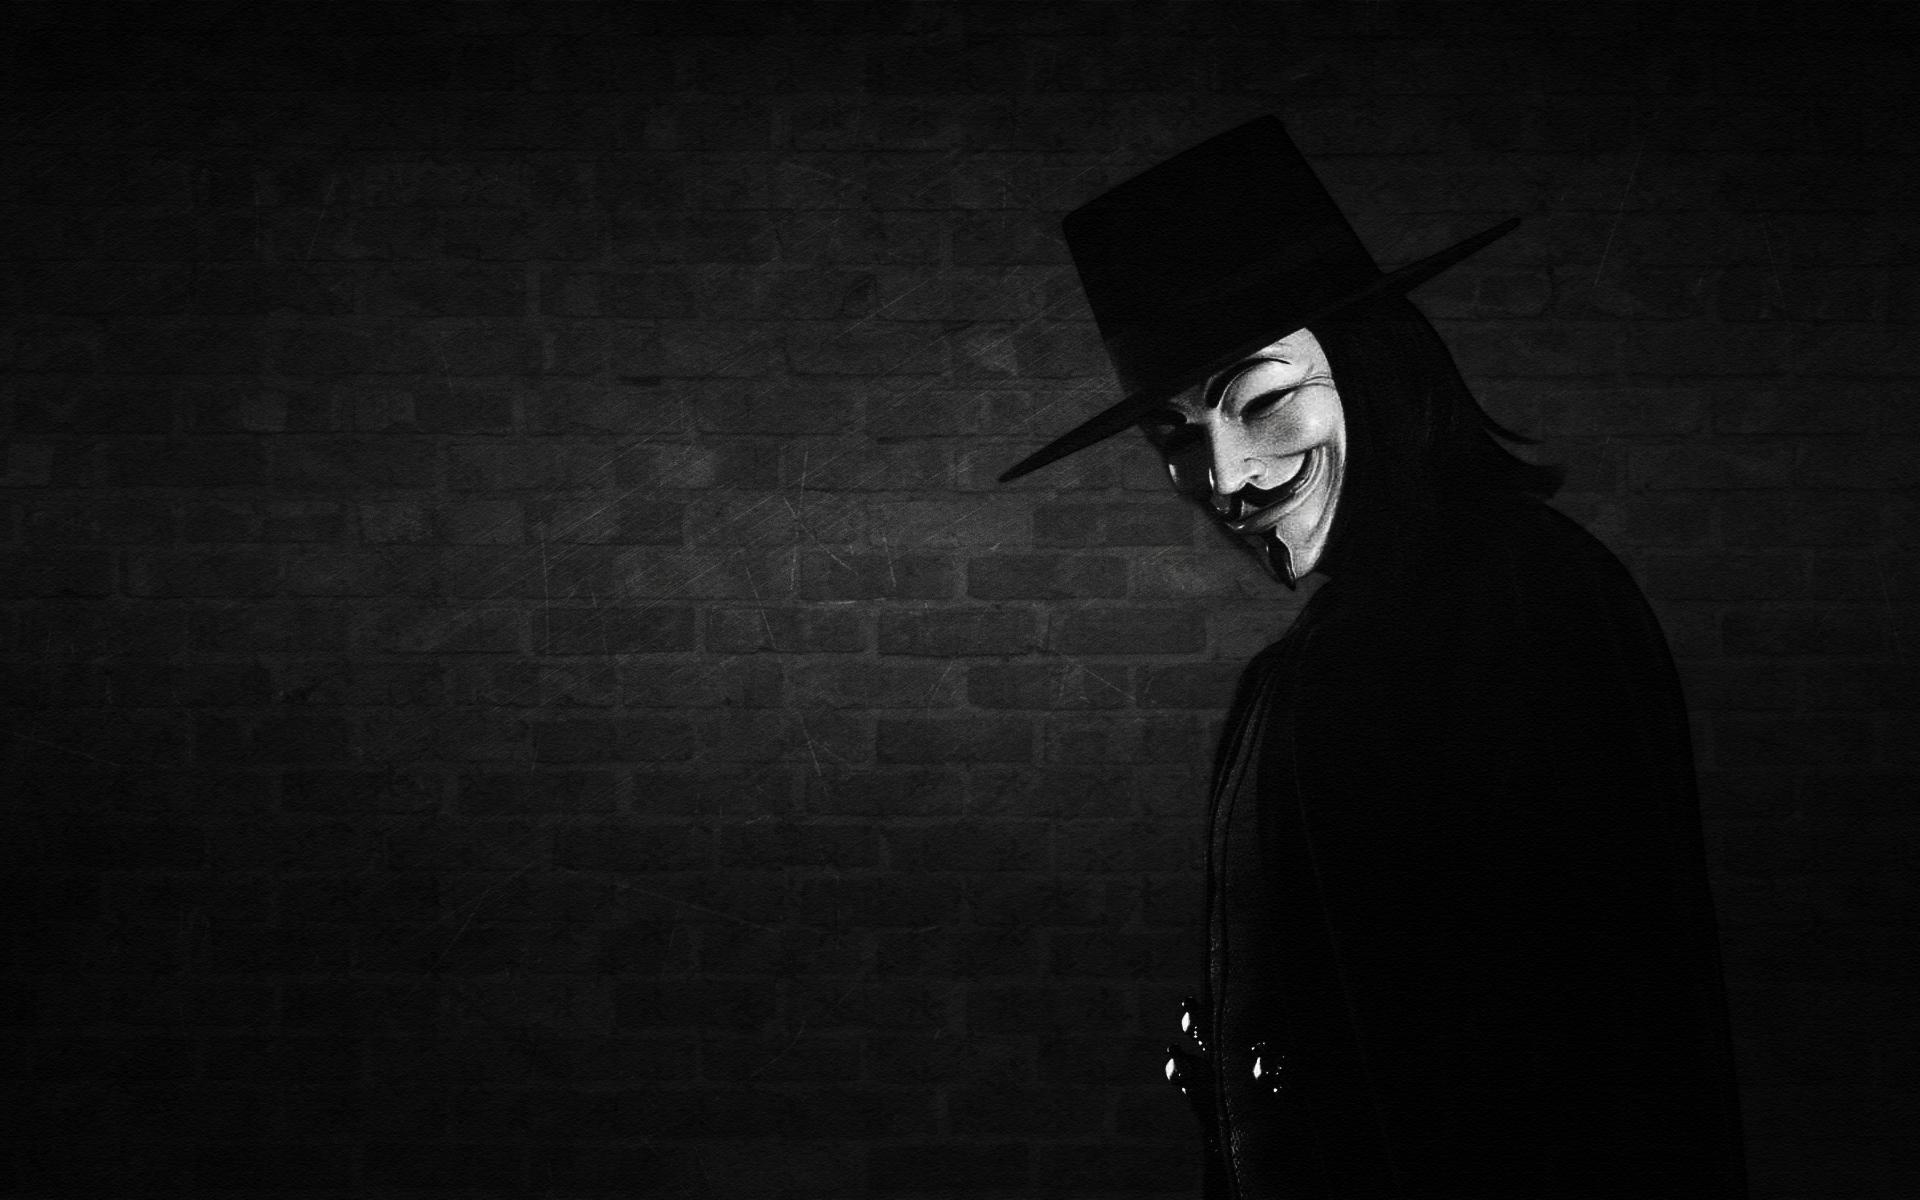 V For Vendetta Wallpaper for vendetta, mask, ha...